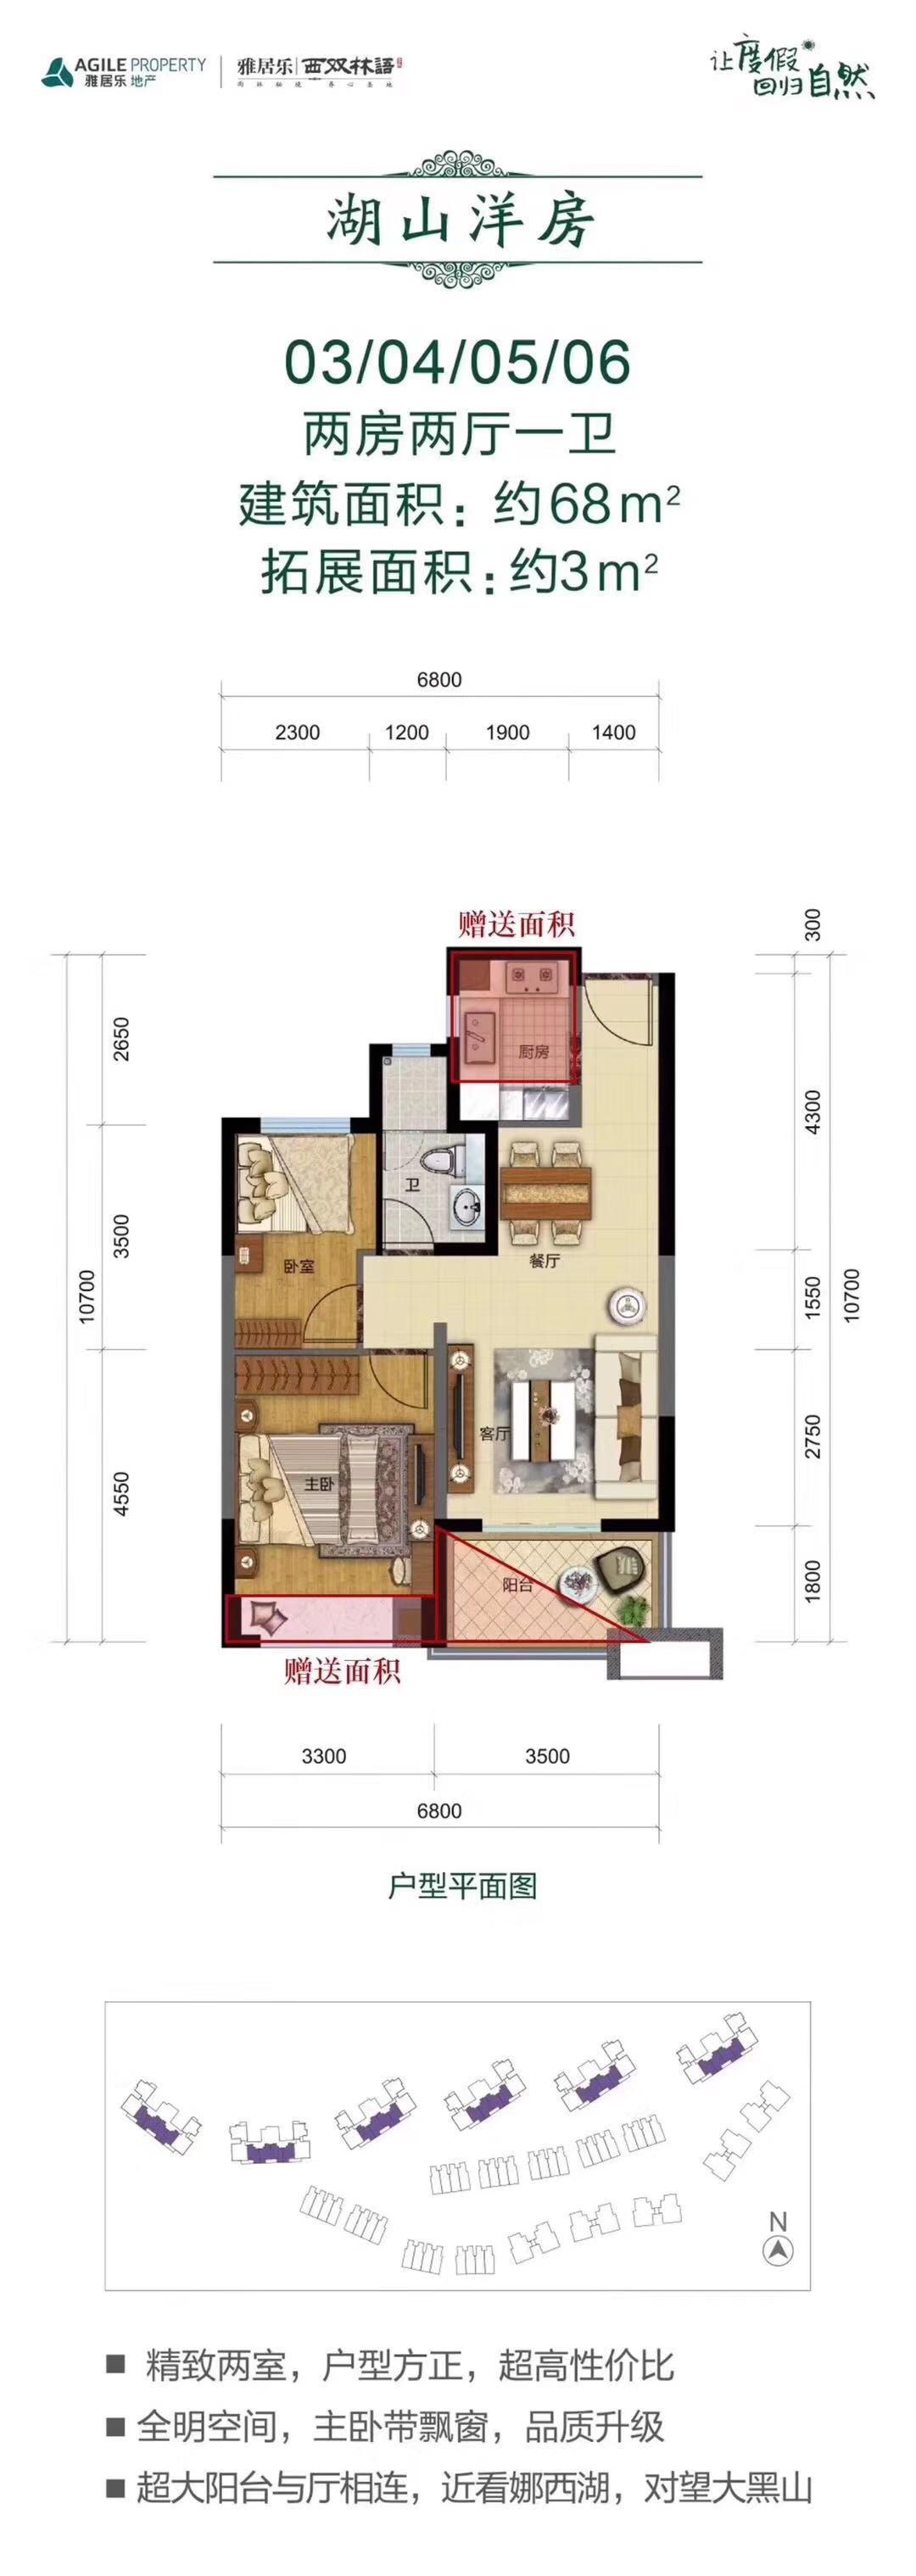 湖山洋房03 2室2厅1卫 建面:68㎡